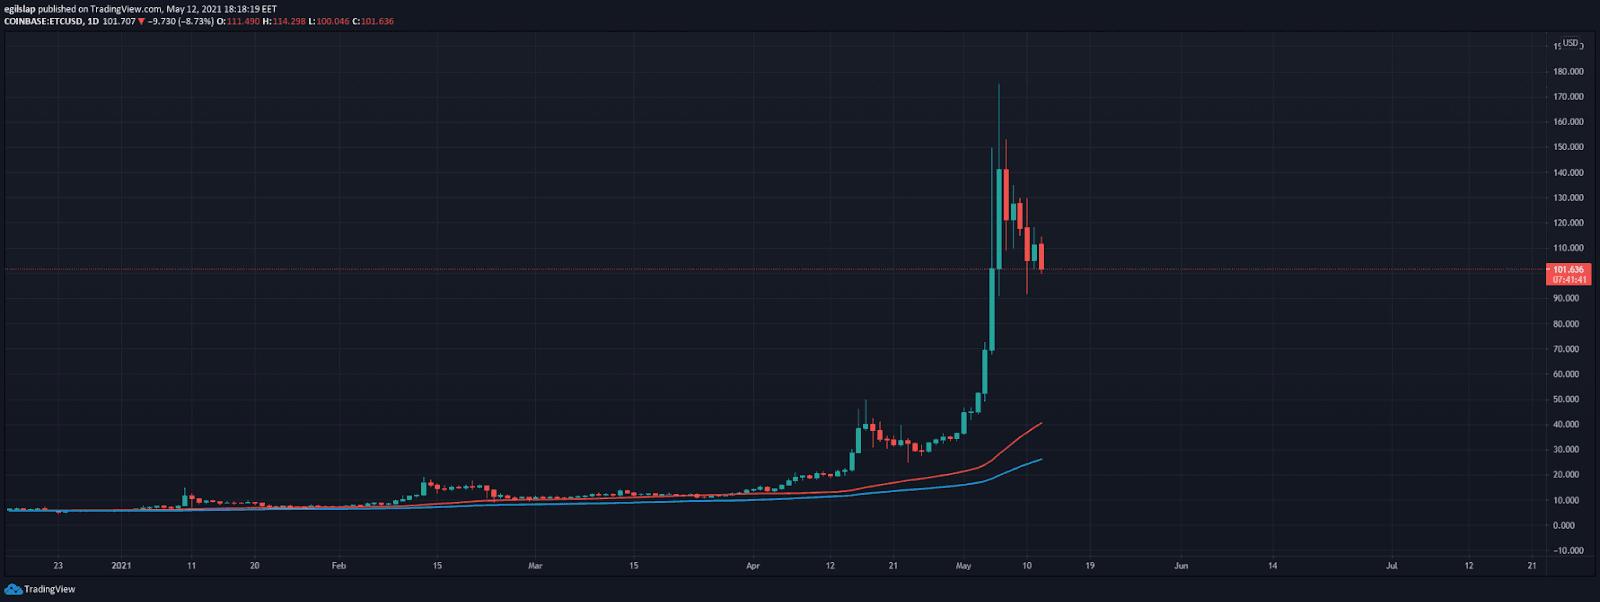 Ethereum Classic Price Prediction |